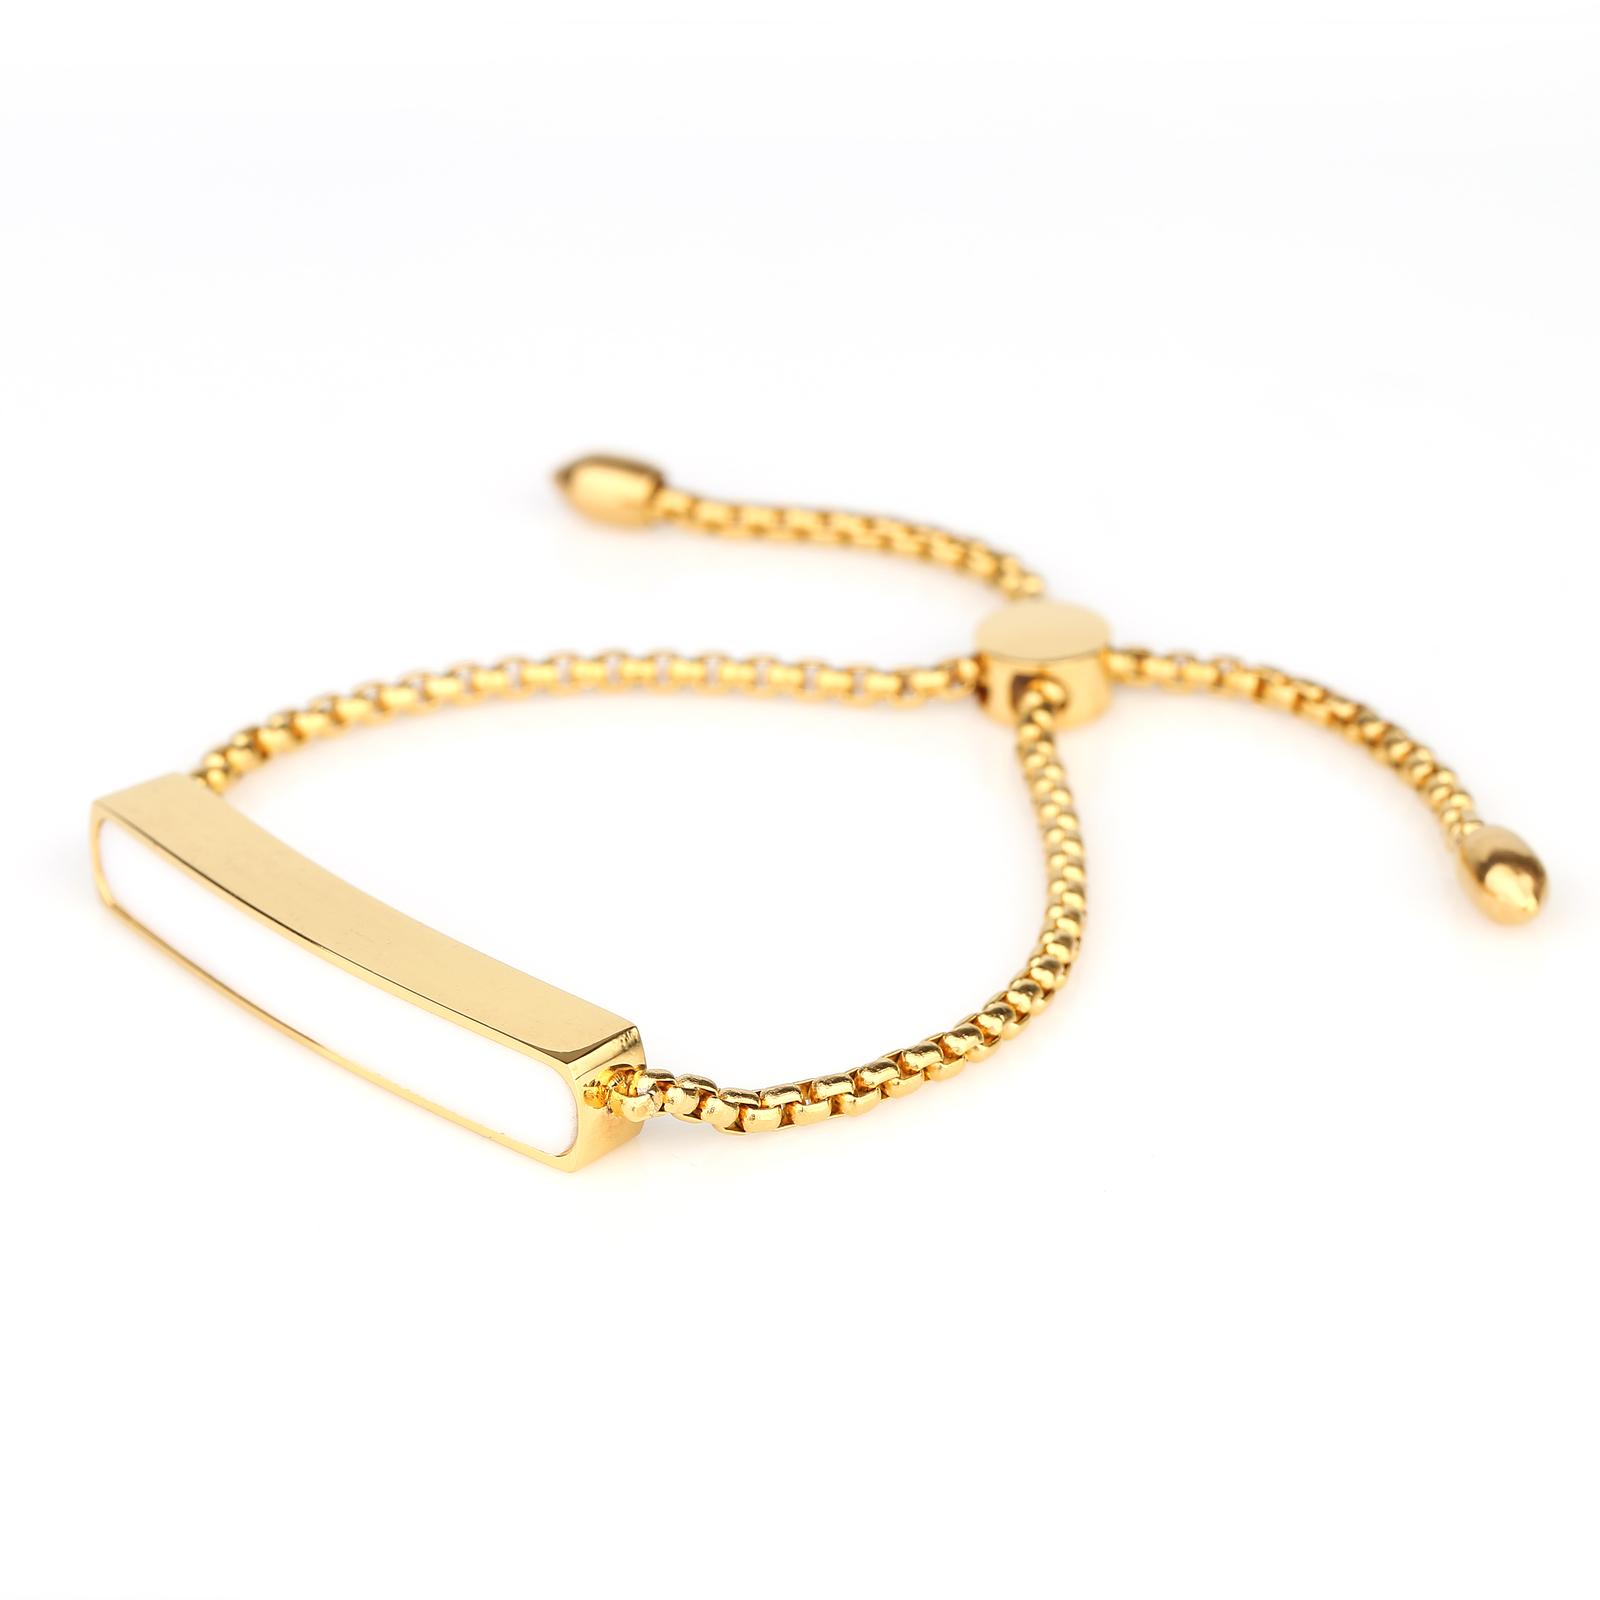 UNITED ELEGANCE Stylish Gold Tone Designer Bolo Bar Bracelet With White Inlay